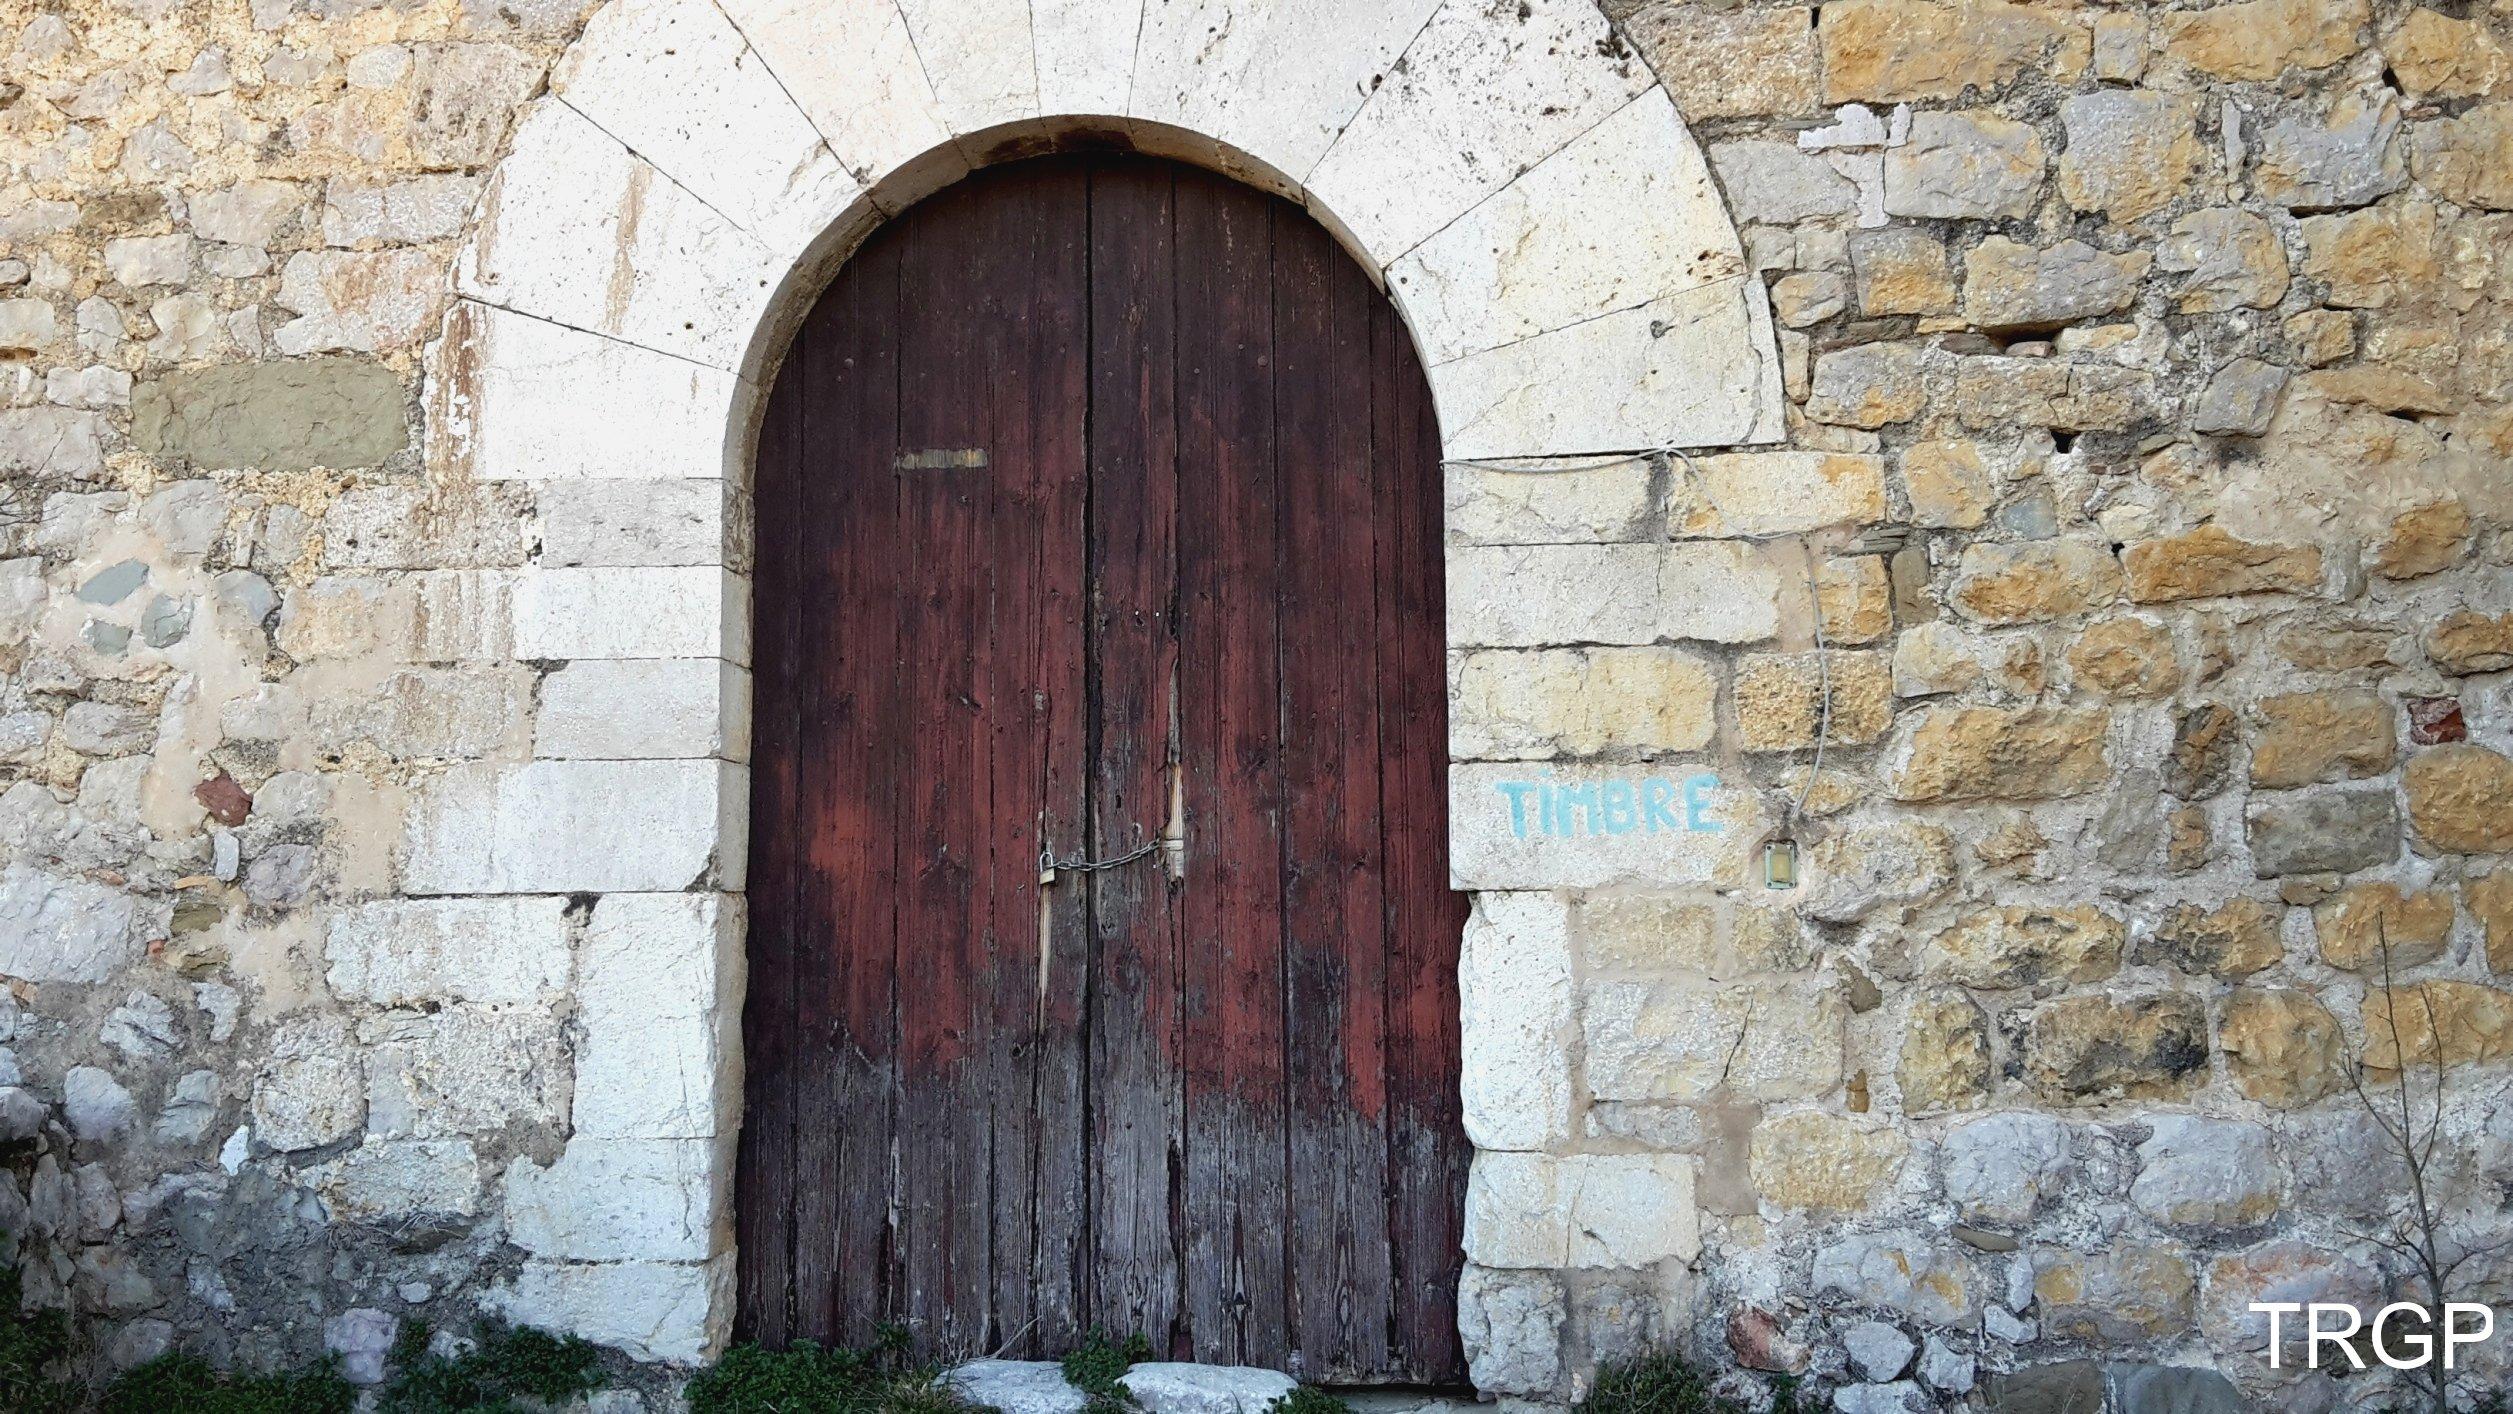 Ruta dels Peregrins de Besalú